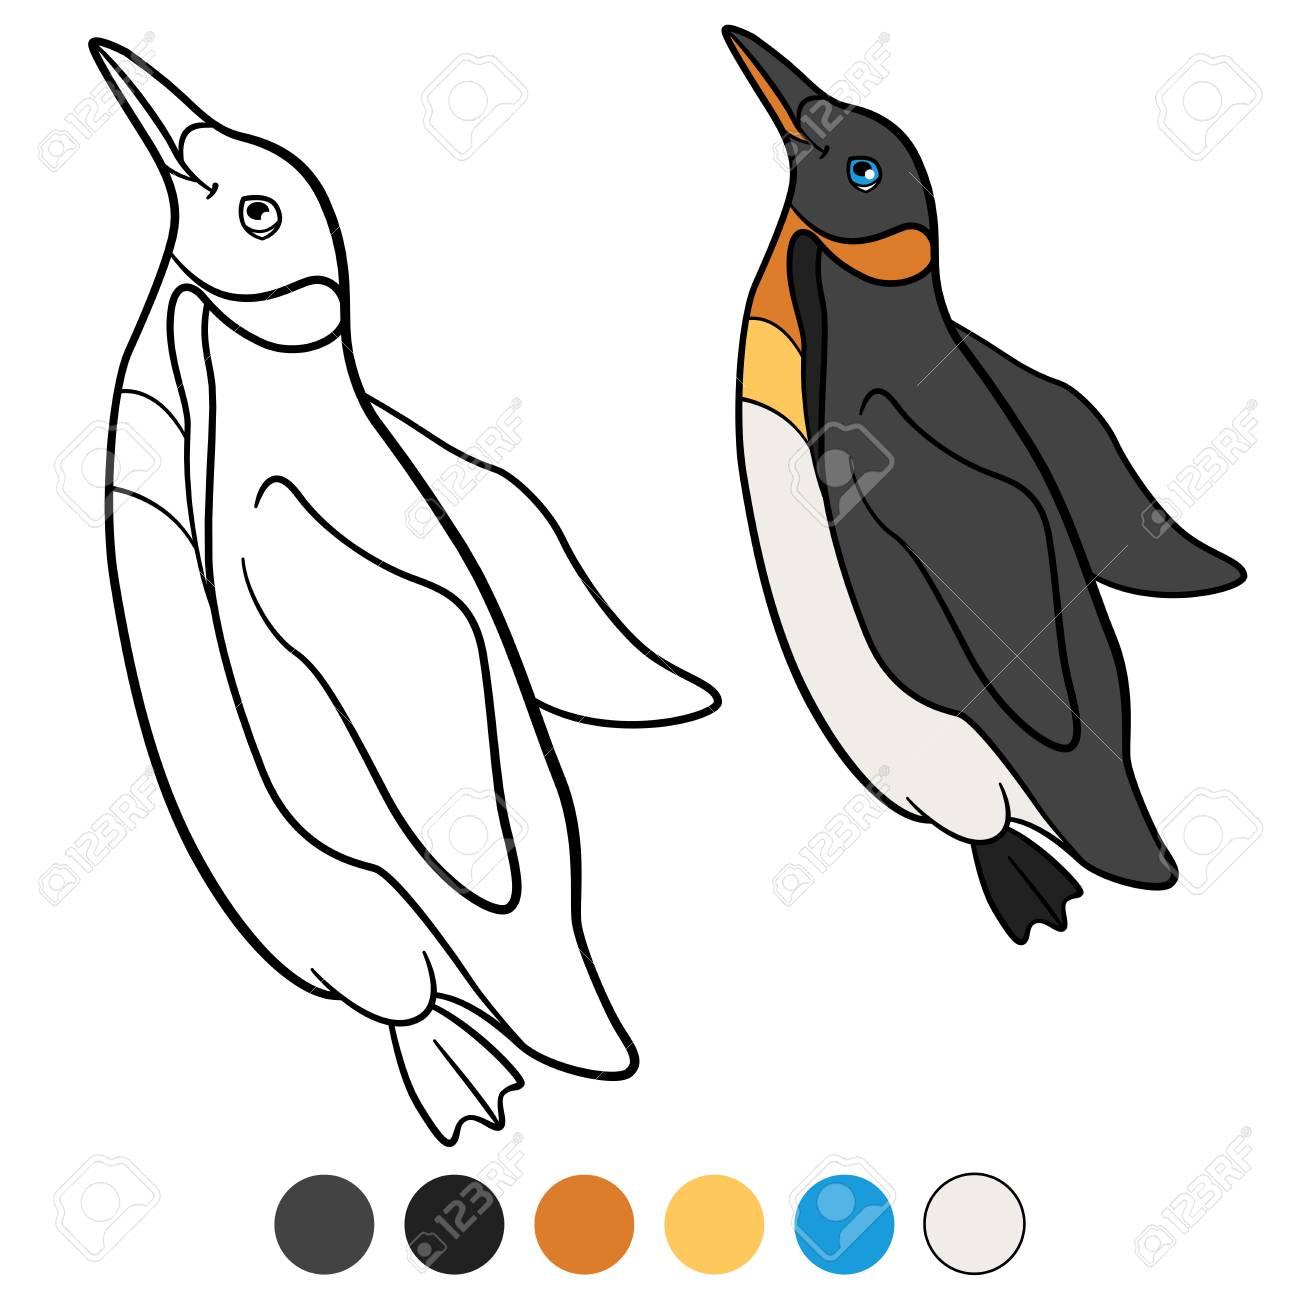 Großzügig Süsse Pinguin Malvorlagen Bilder - Entry Level Resume ...